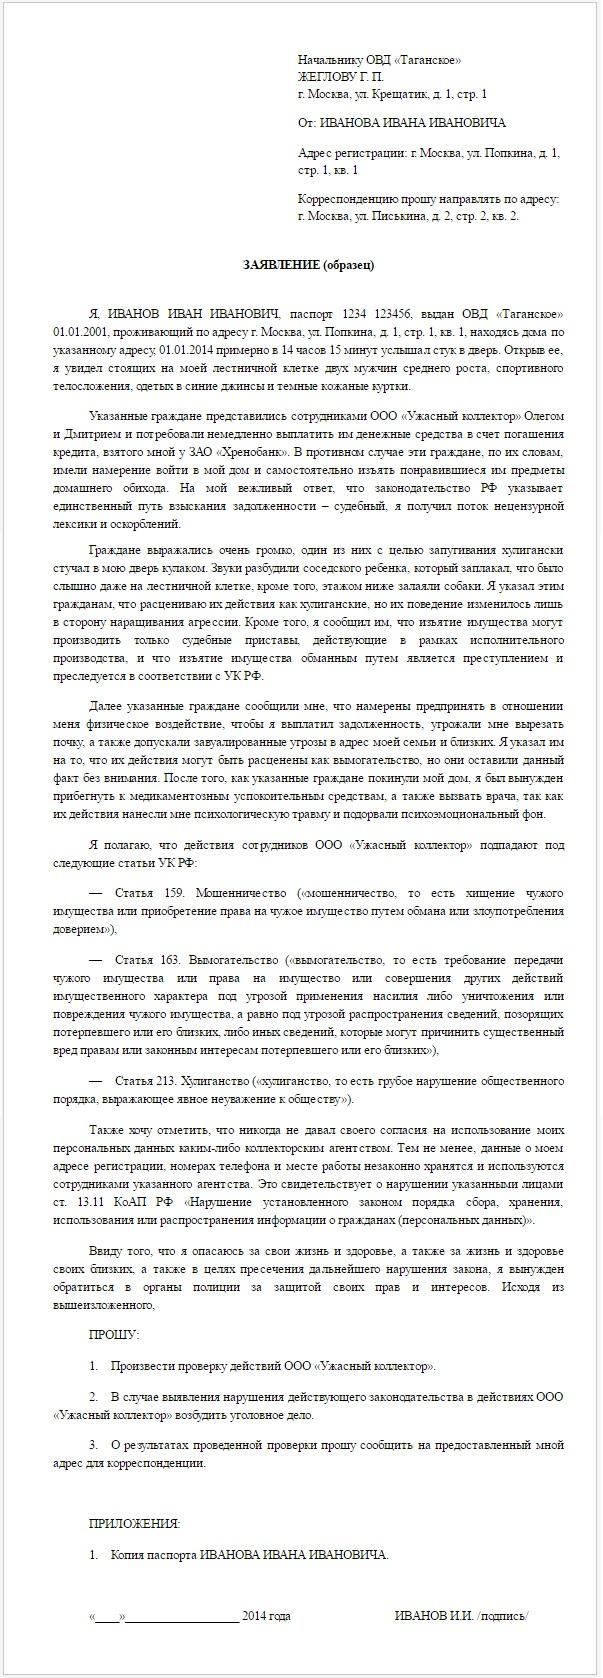 Груша Десертная россошанская: описание (фото)